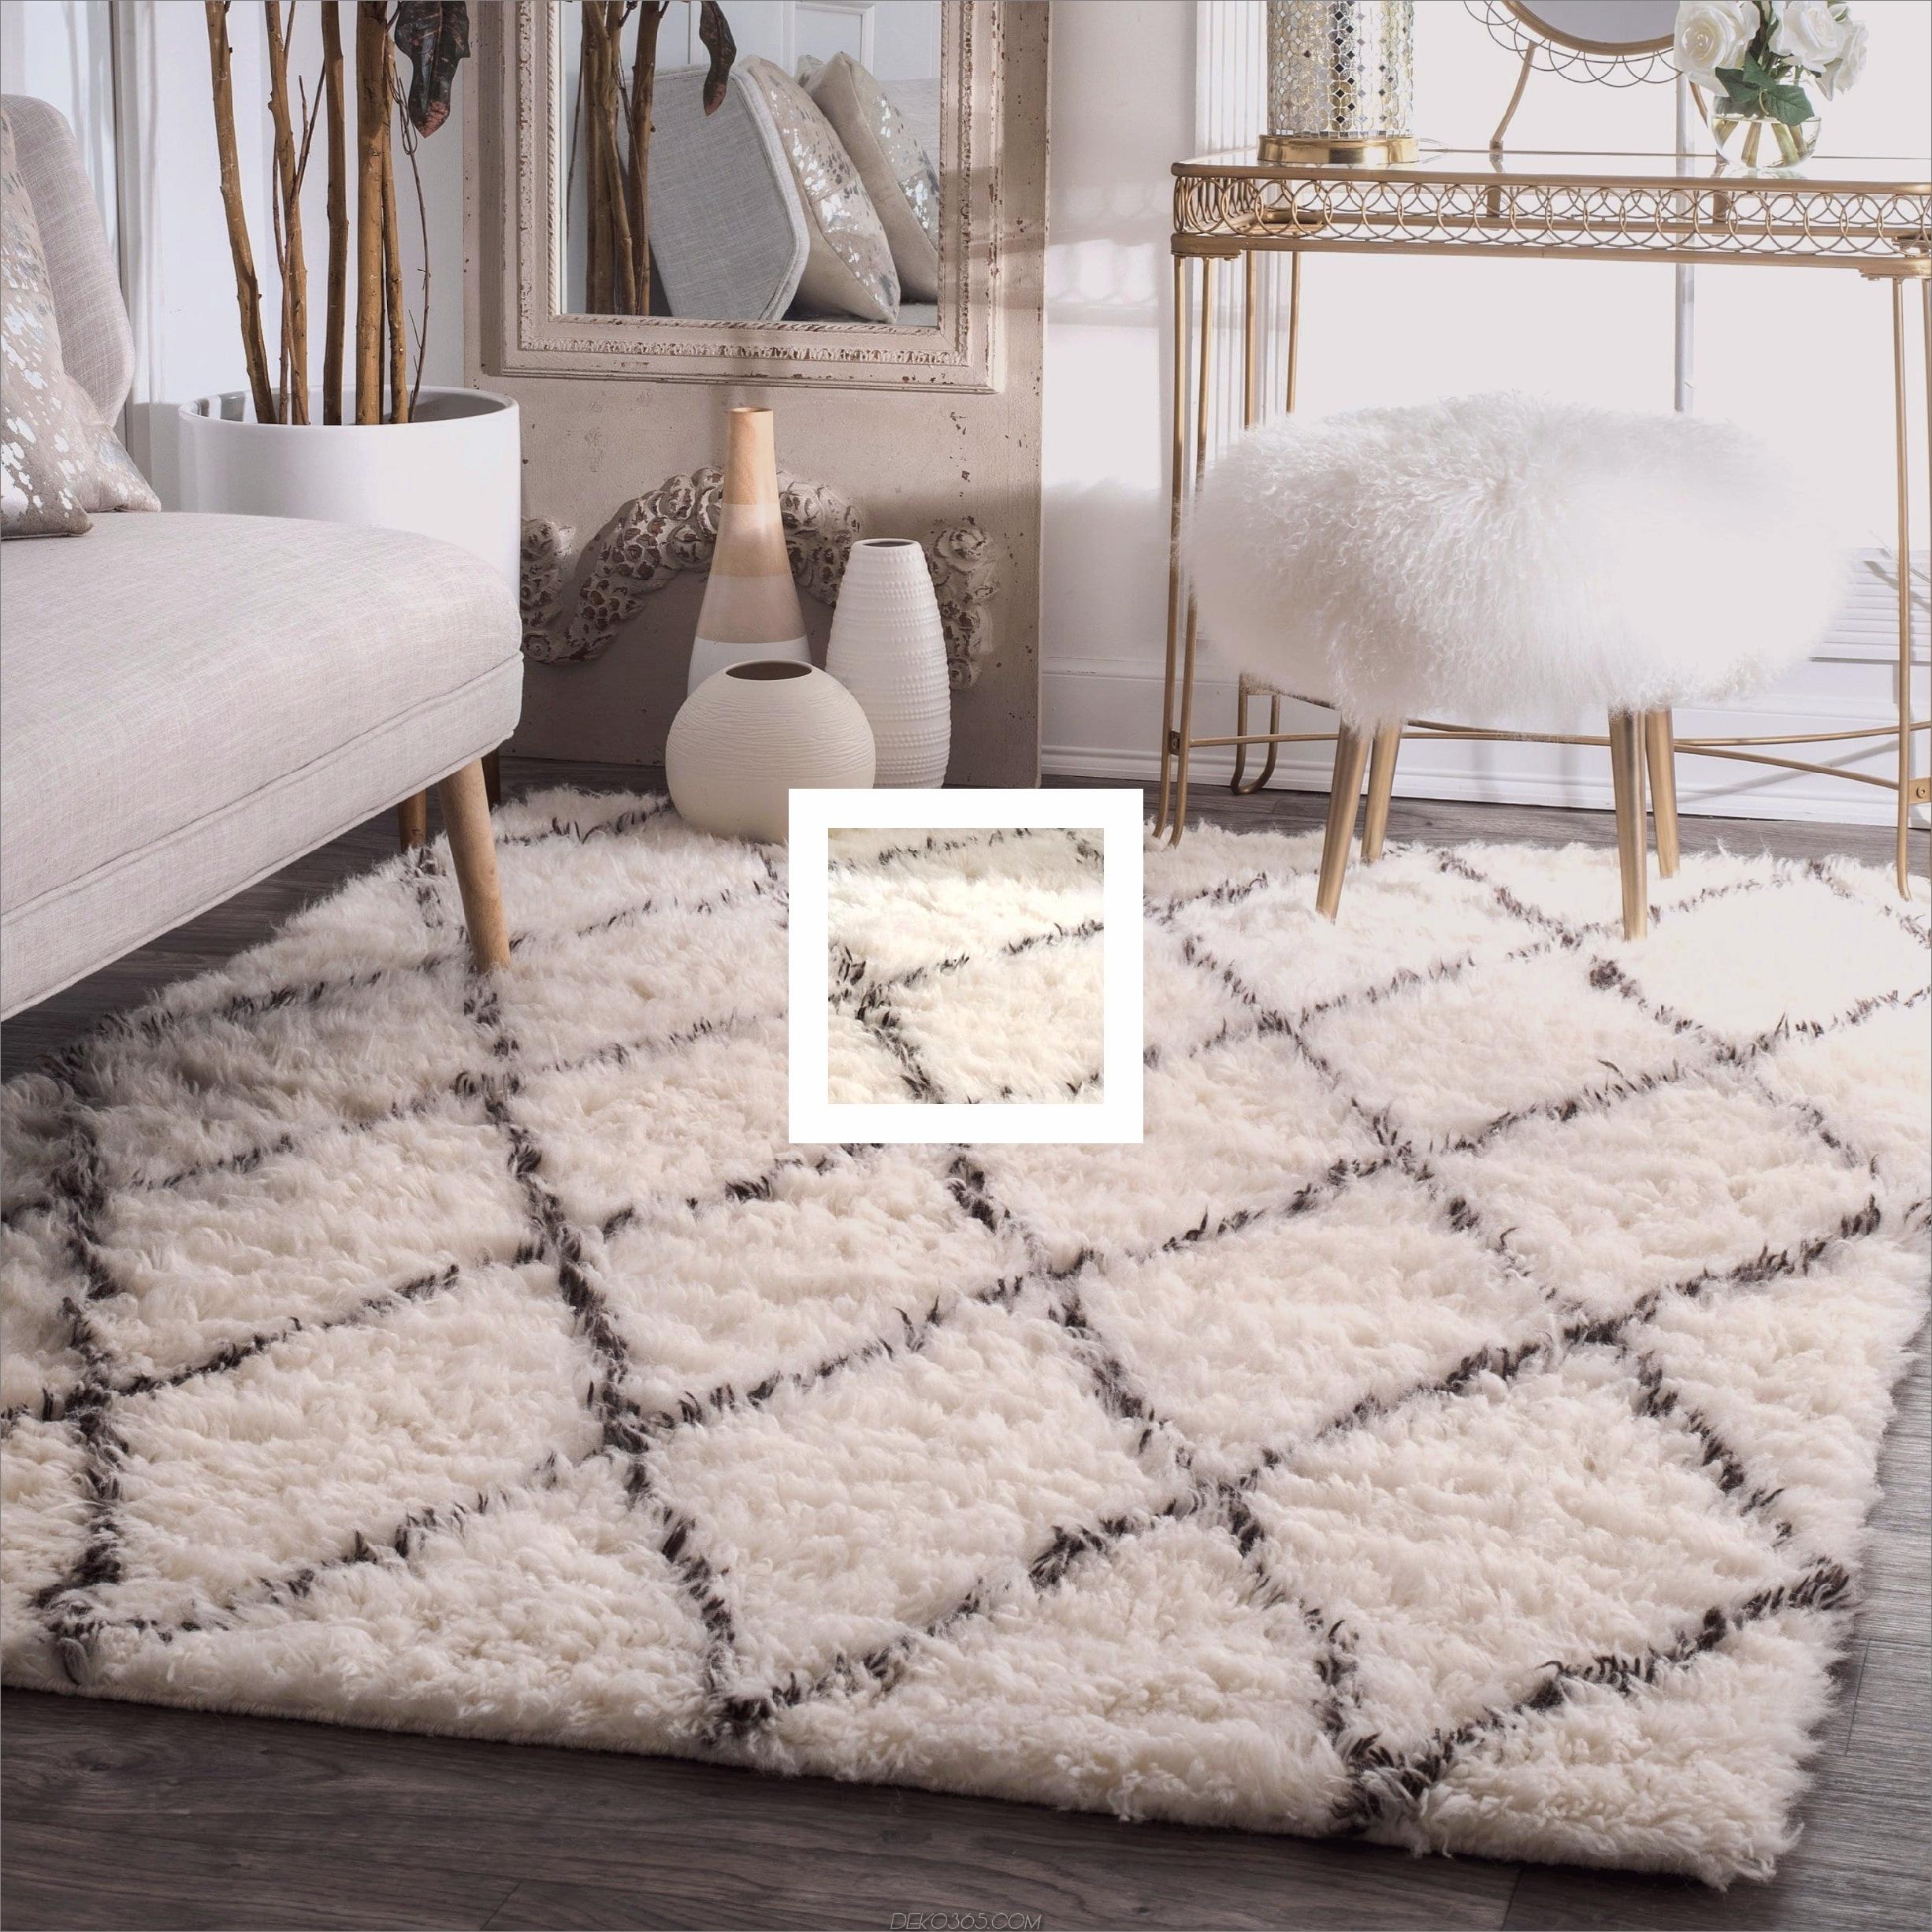 Teppichboden Wohnzimmer-Teppiche, die Ihren Raum auf elegante Weise verwandeln